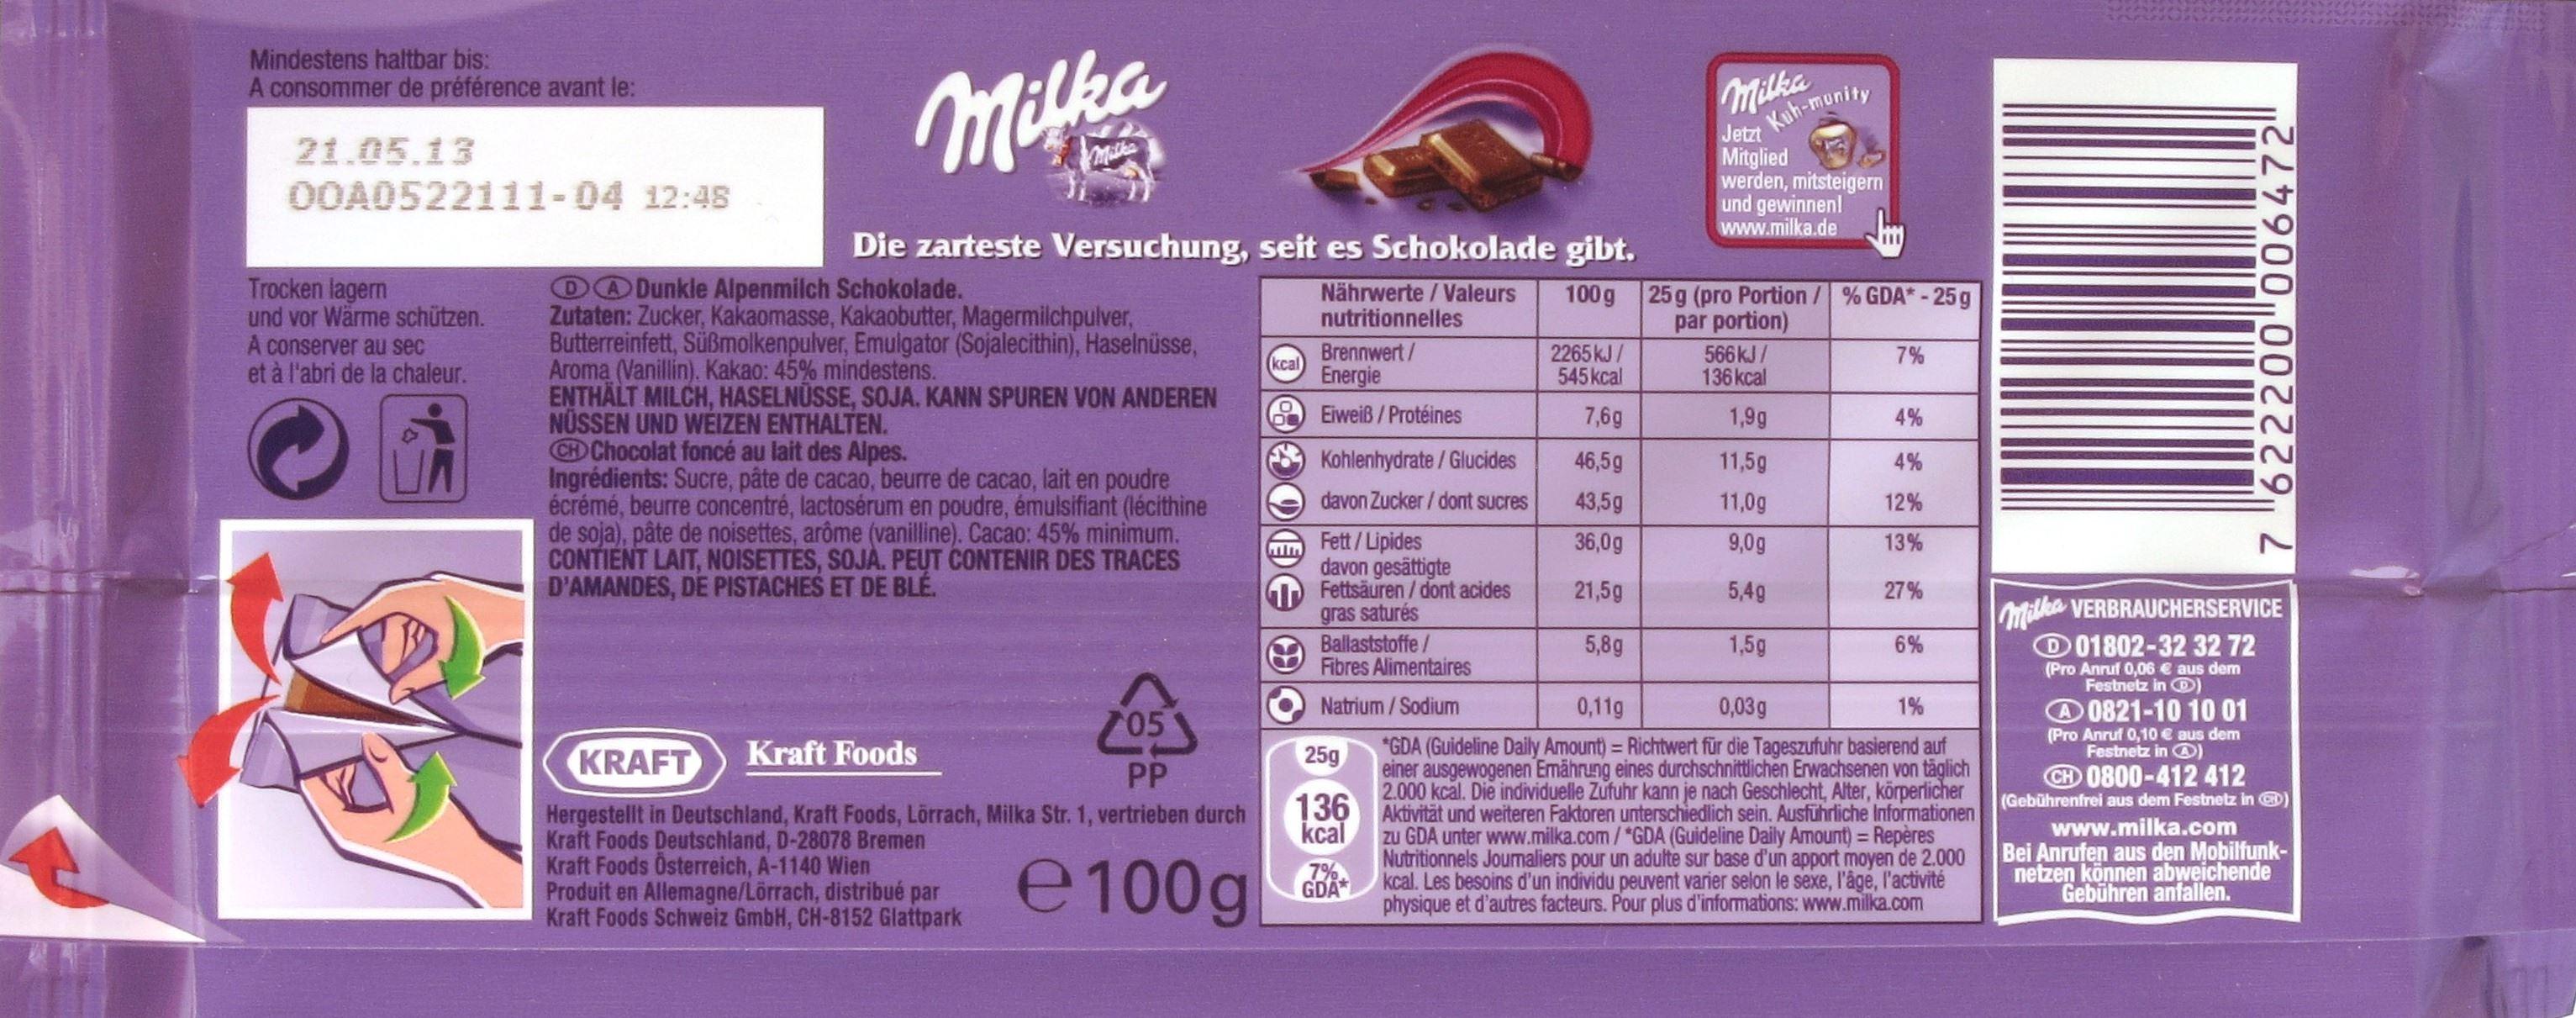 Milka Dunkle Alpenmilchschokolade (45%) - Packungsrückseite